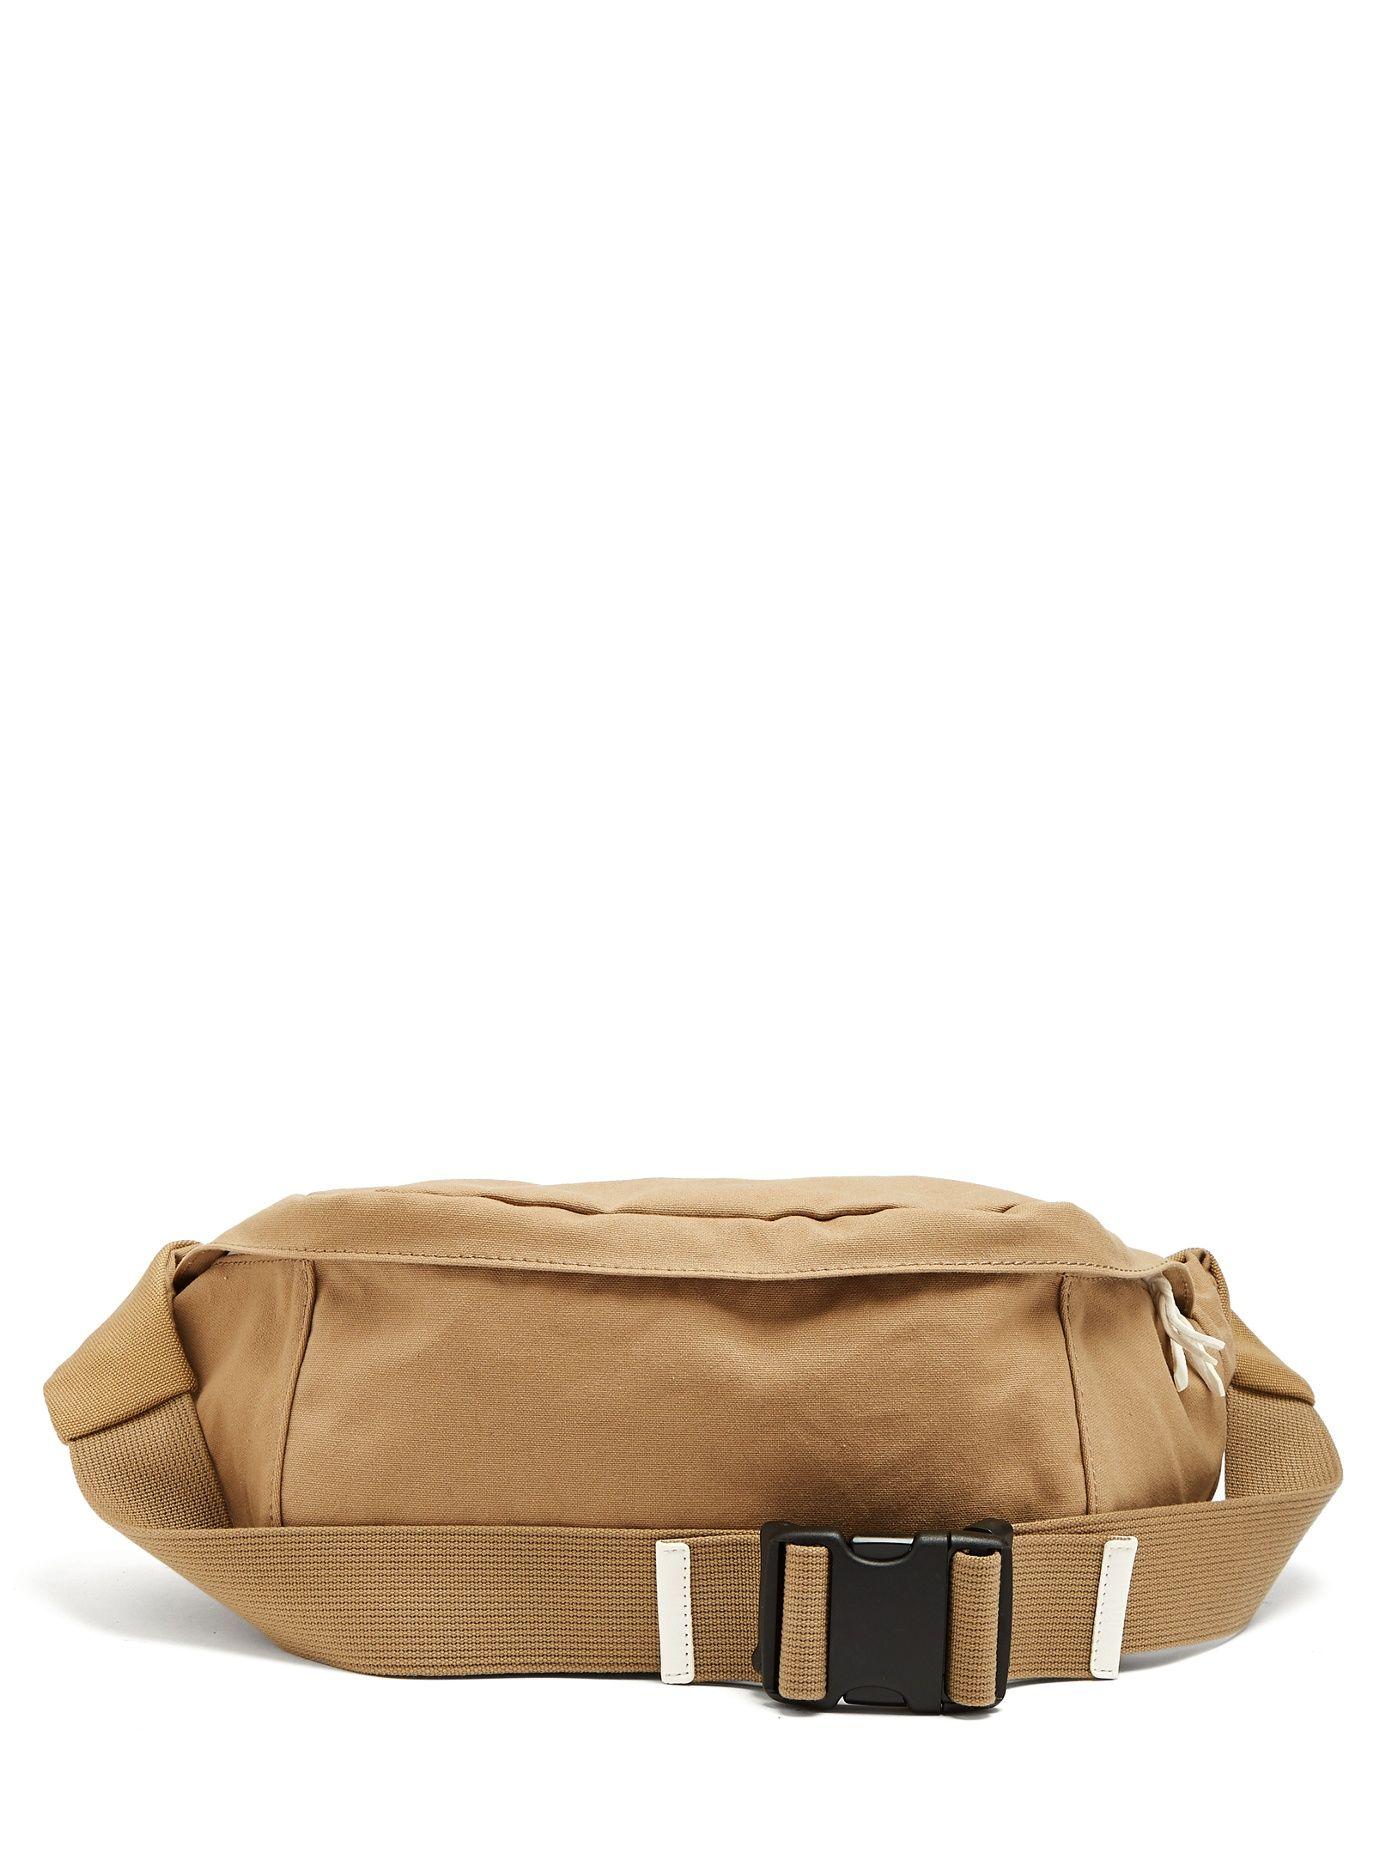 0311f69c089c PORTER-YOSHIDA   CO .  porter-yoshidaco  bags  leather  belt bags  canvas